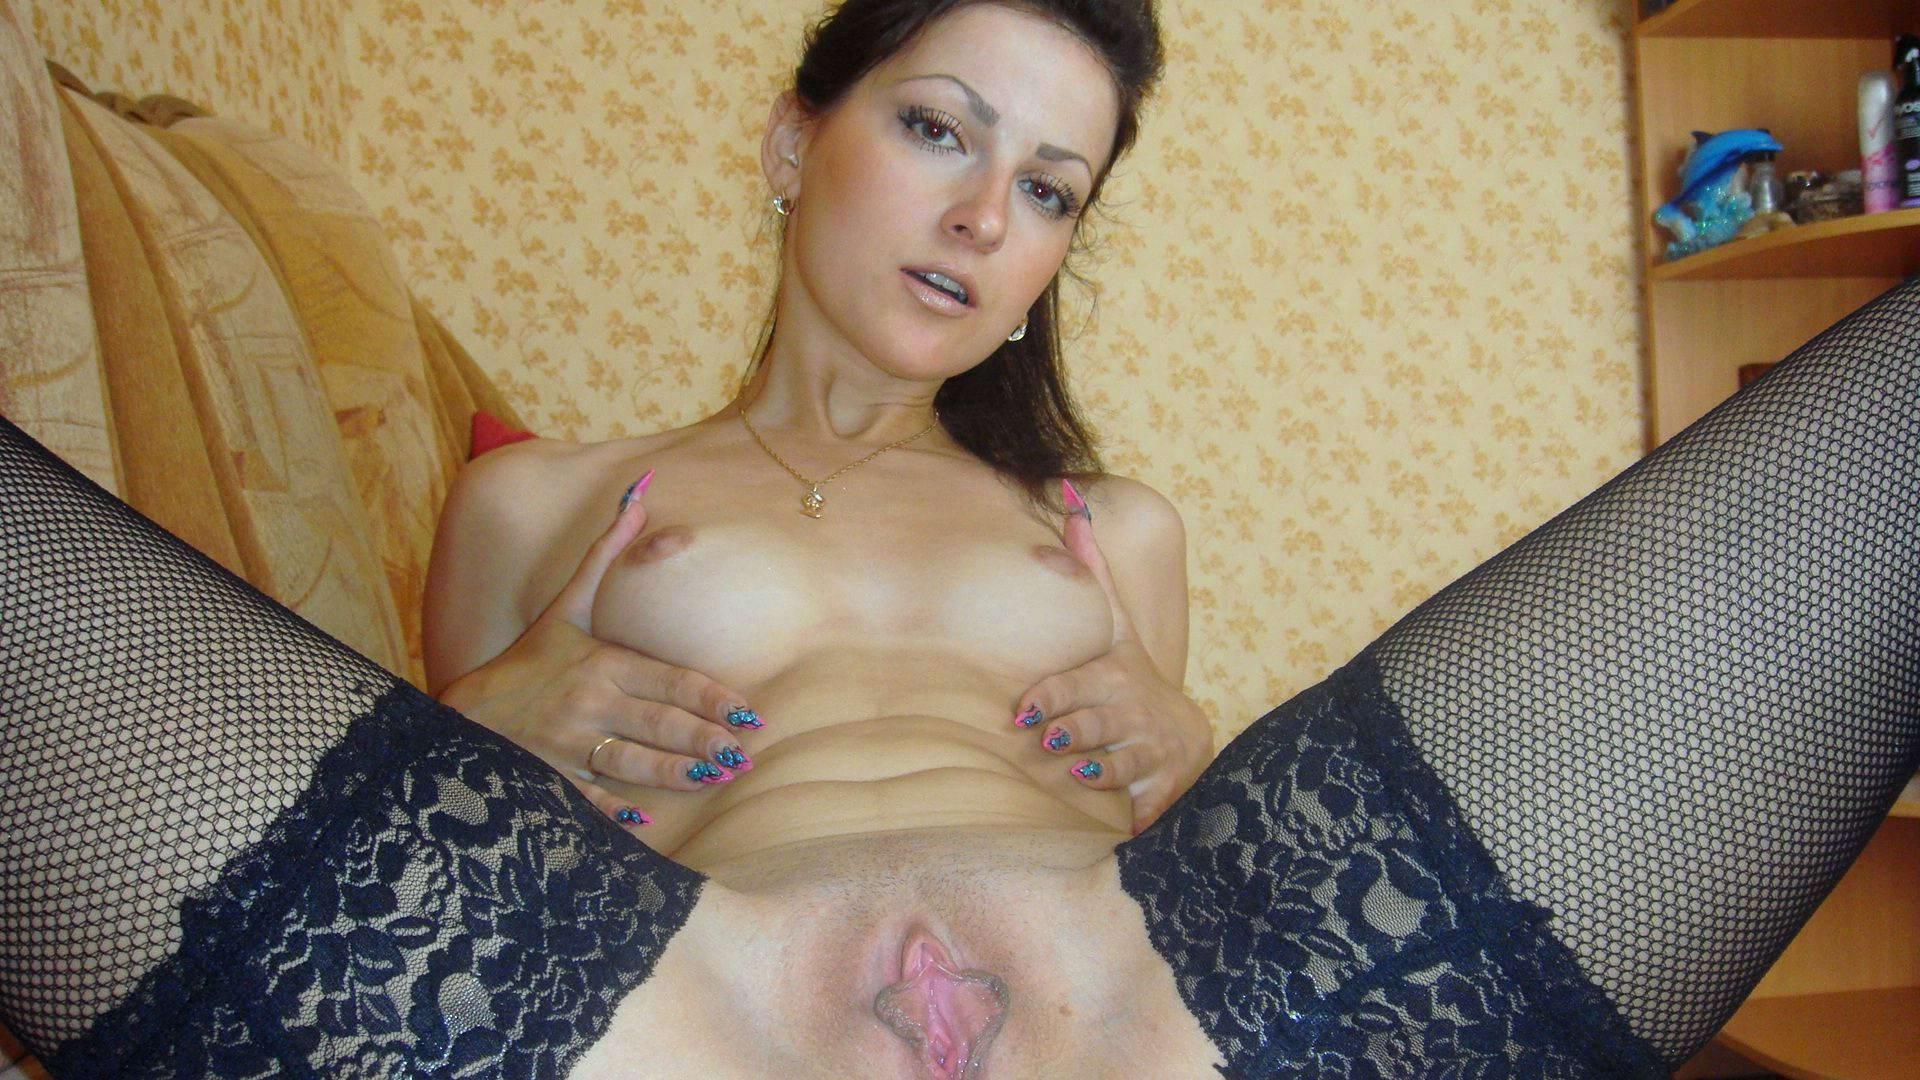 Шлюха руски девушк фото